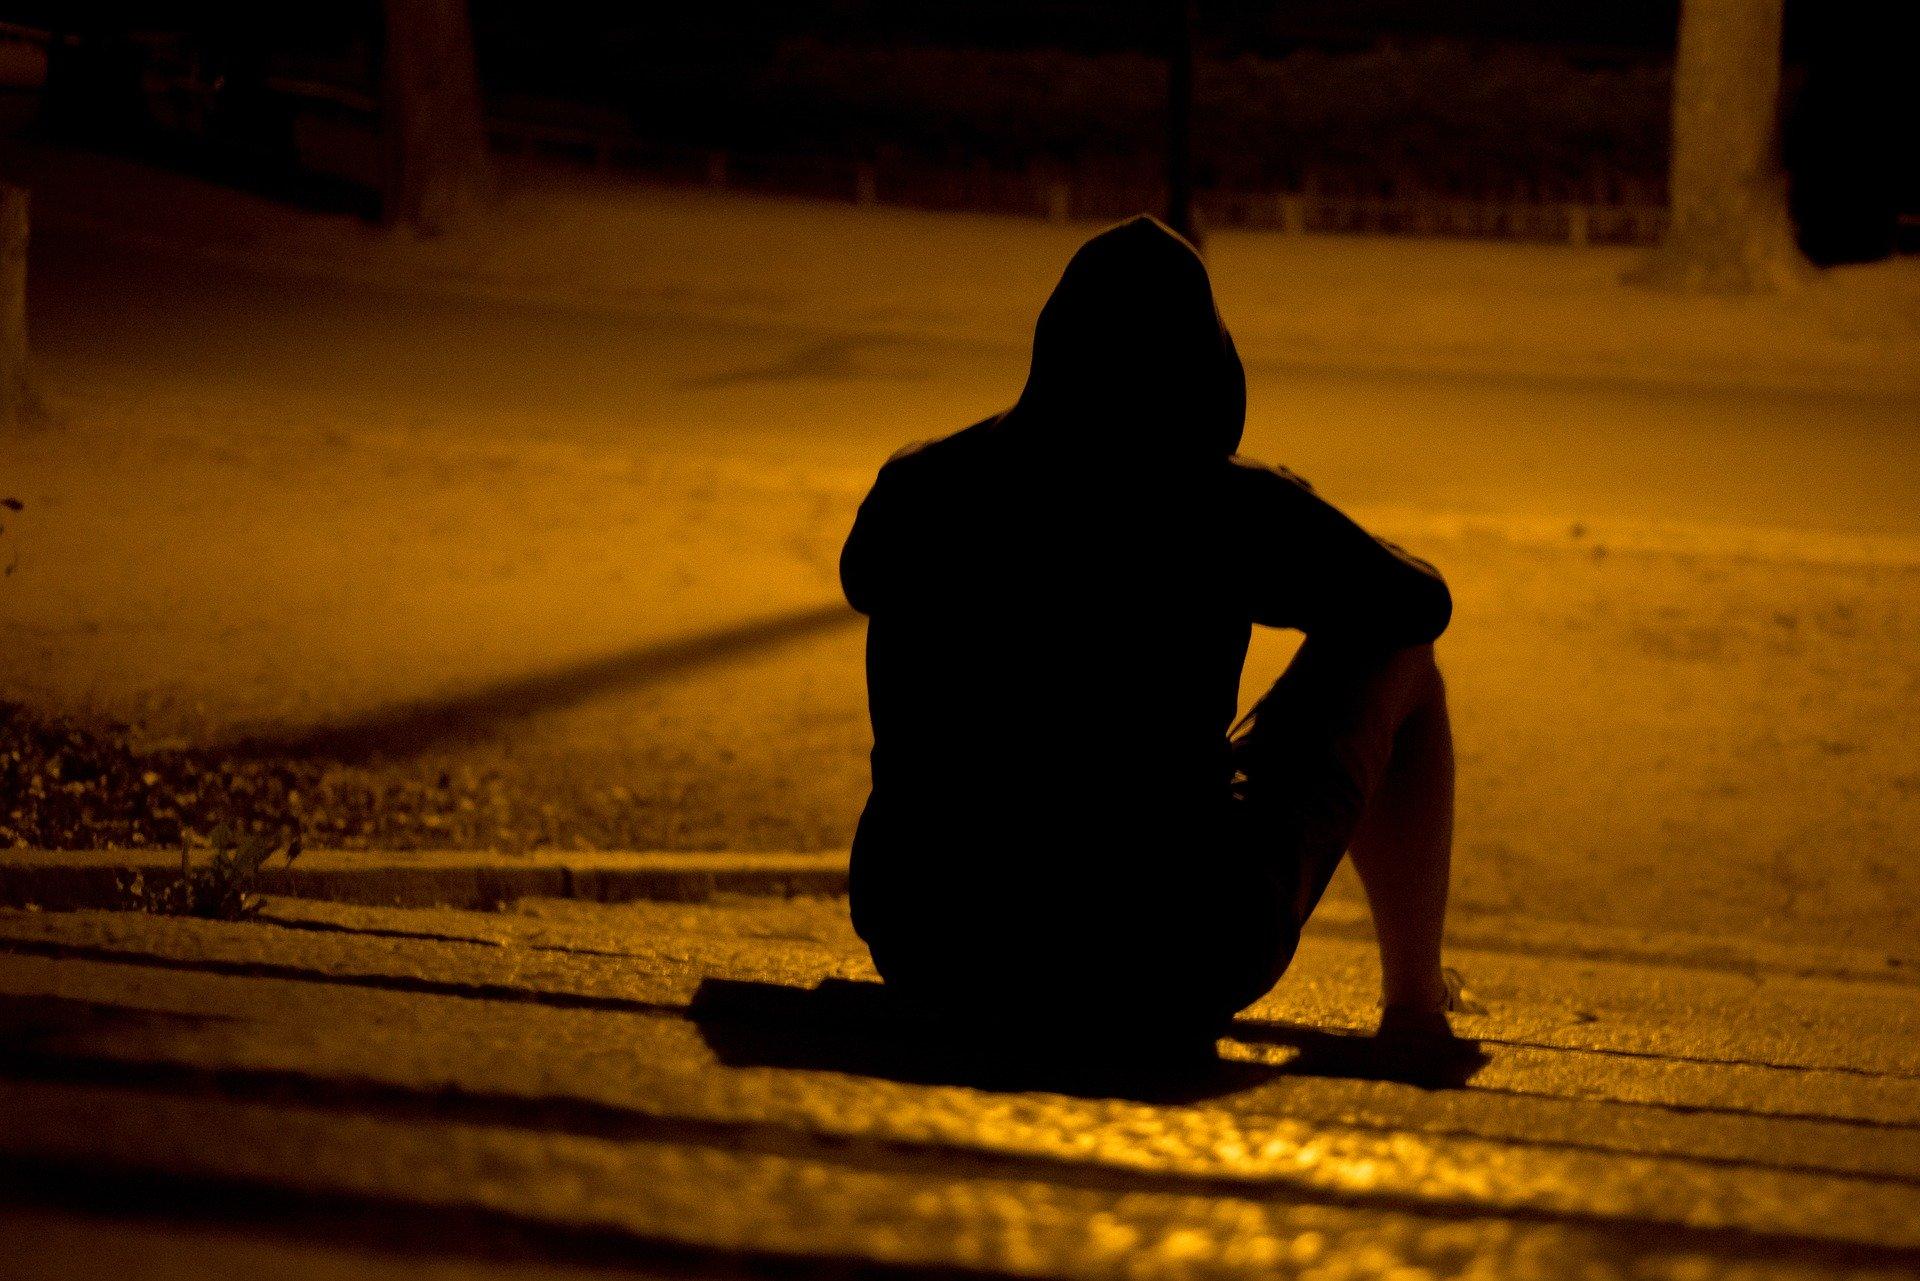 夫婦仲が悪い男性の特徴は寂しがりやで常につながりを求めている人。その心理や射止め方を解説